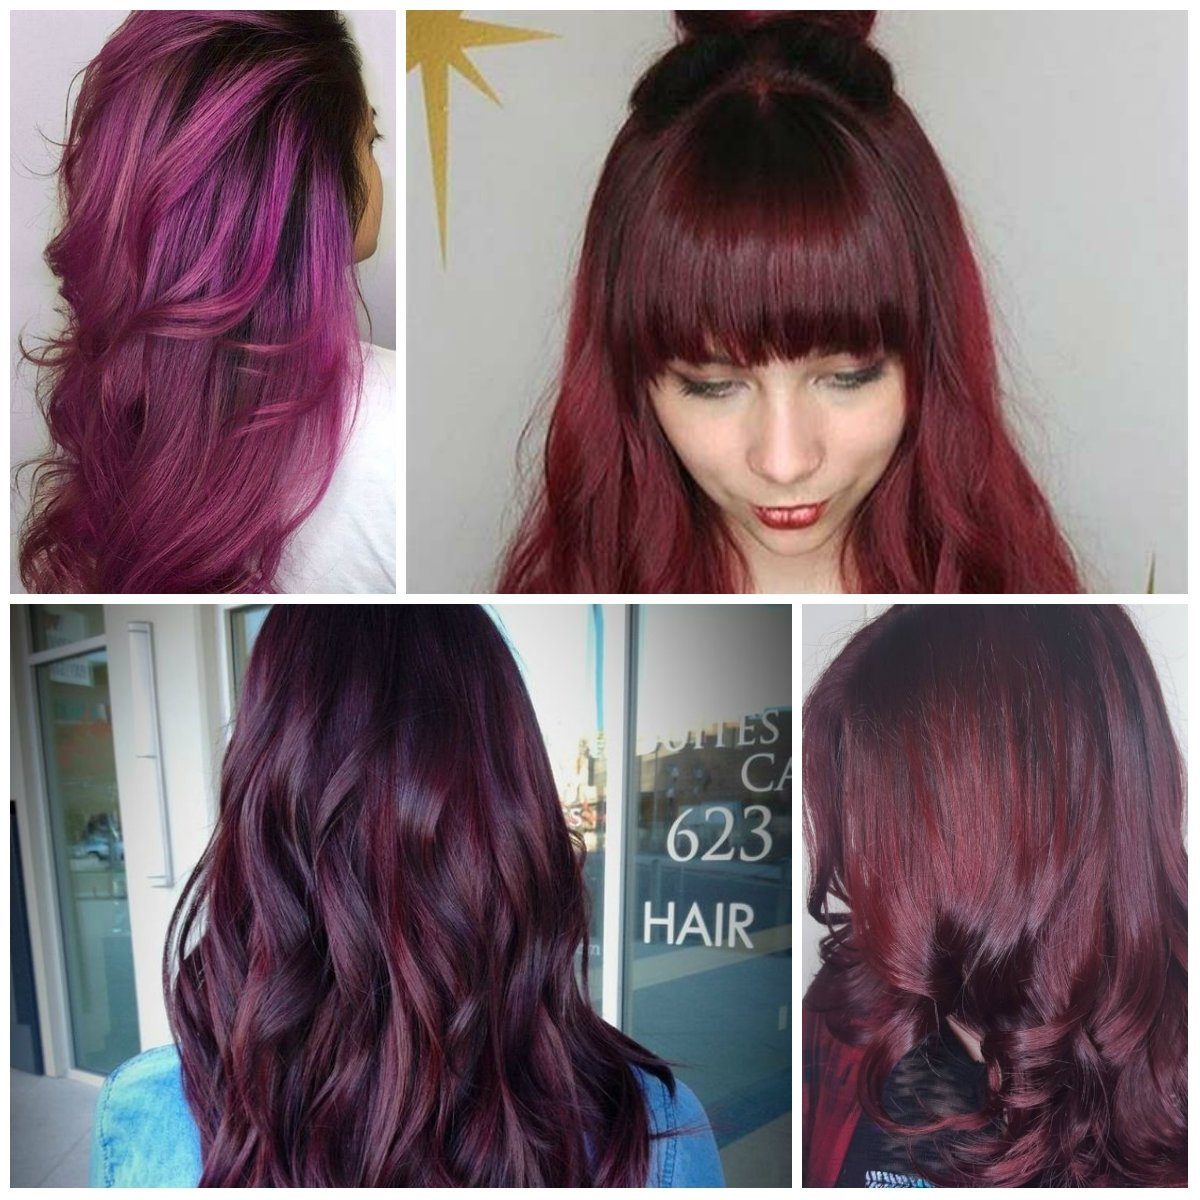 dark hair colors – best hair color ideas & trends in 2017 / 2018